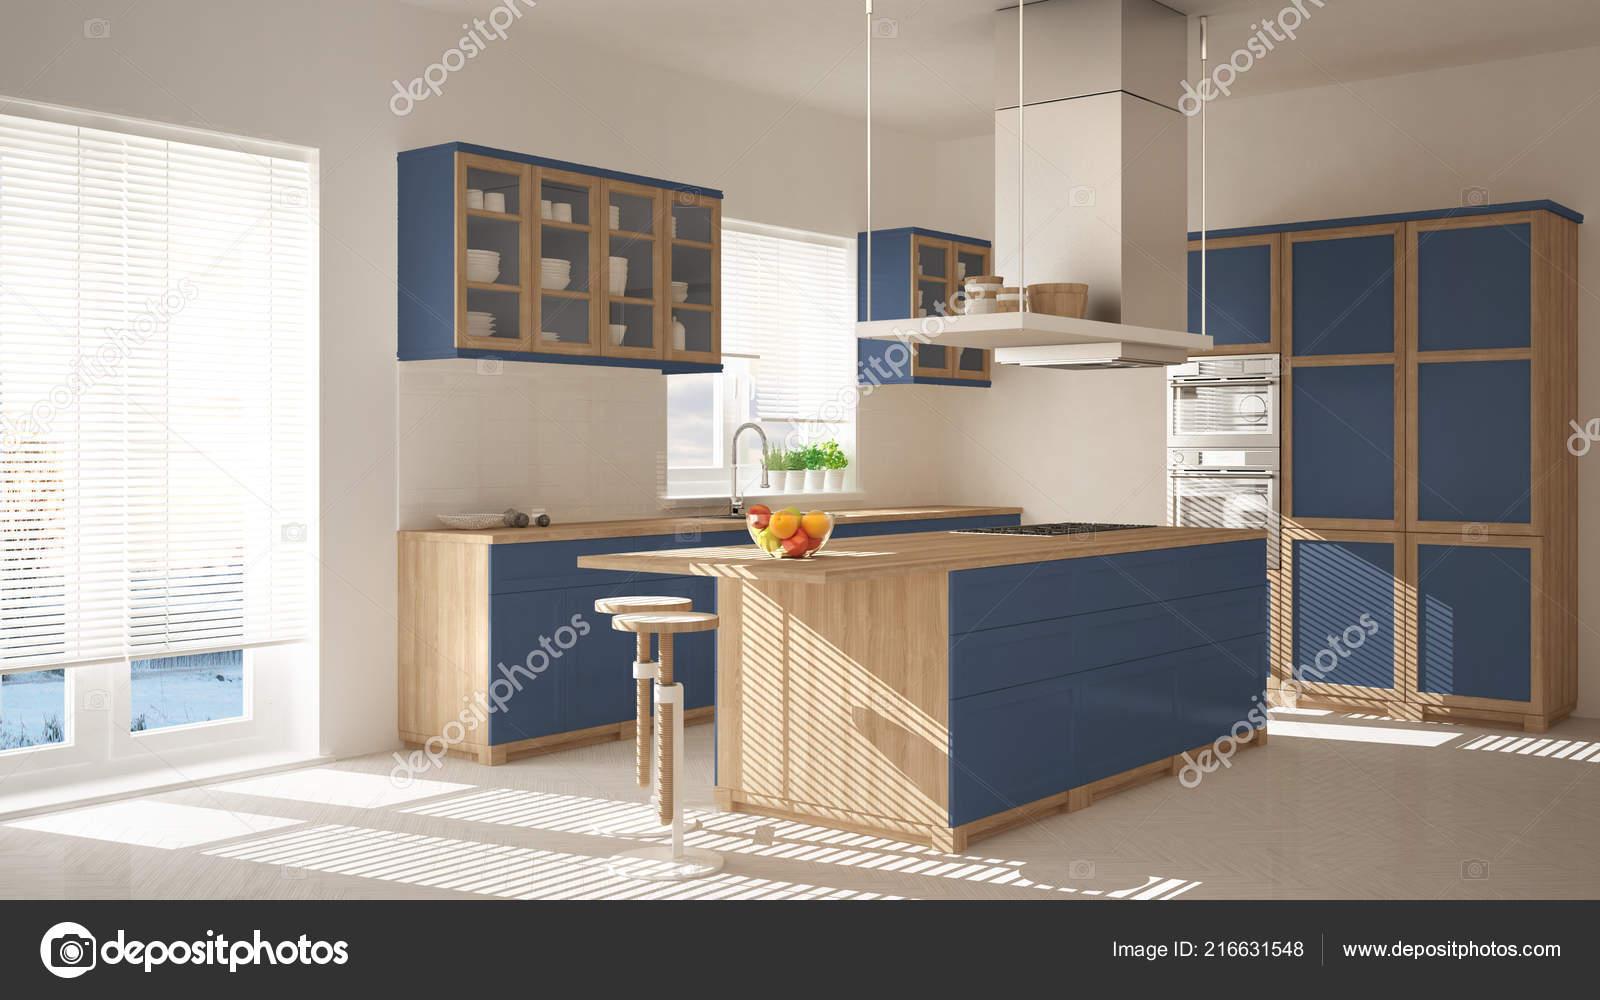 Cucina moderna legno blu con isola sgabelli finestre pavimento